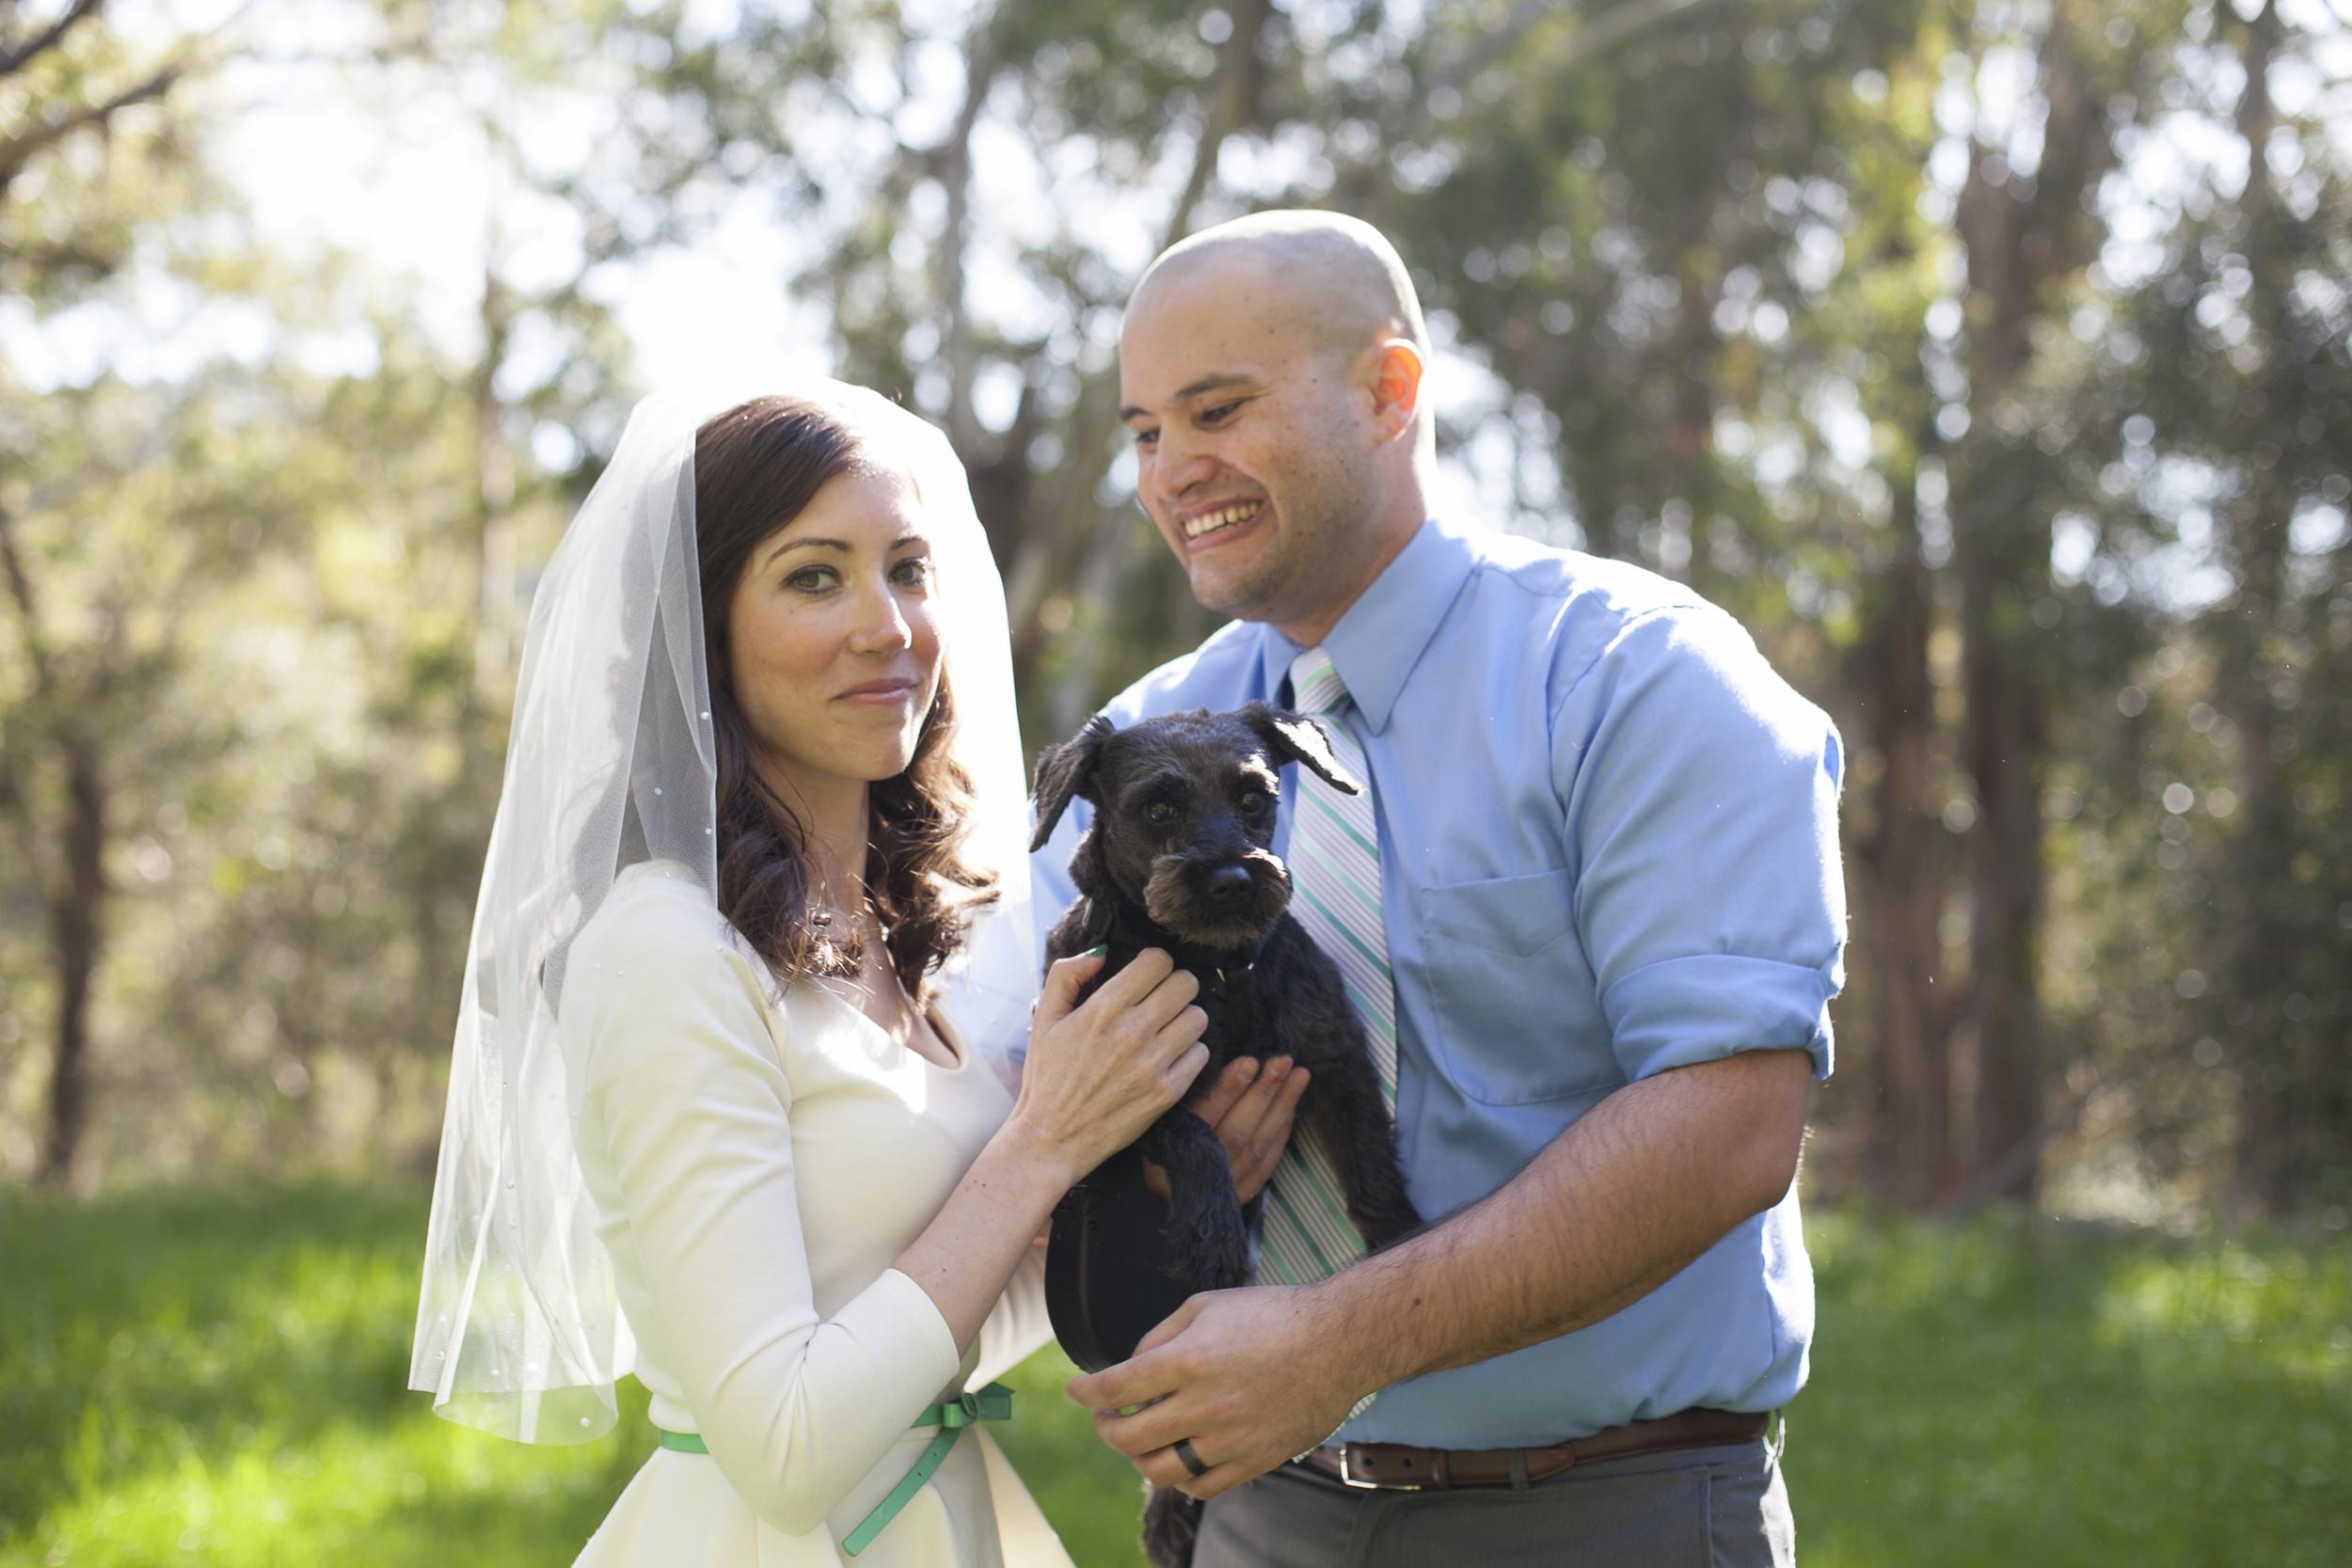 Tilden Park Berkeley Wedding Photographer-Meo Baaklini025.jpg